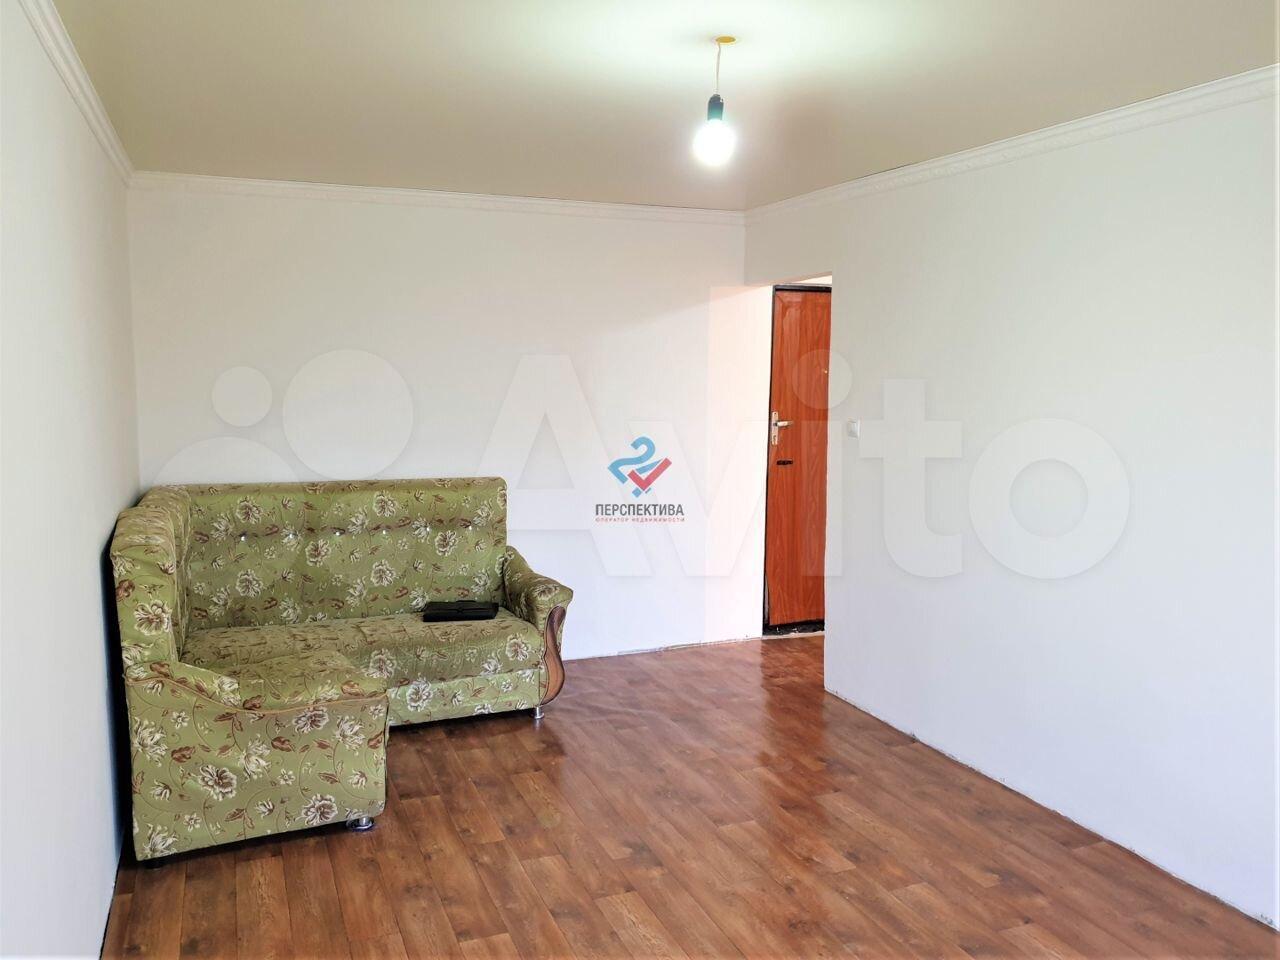 1-к квартира, 30.5 м², 5/5 эт.  89899231010 купить 4